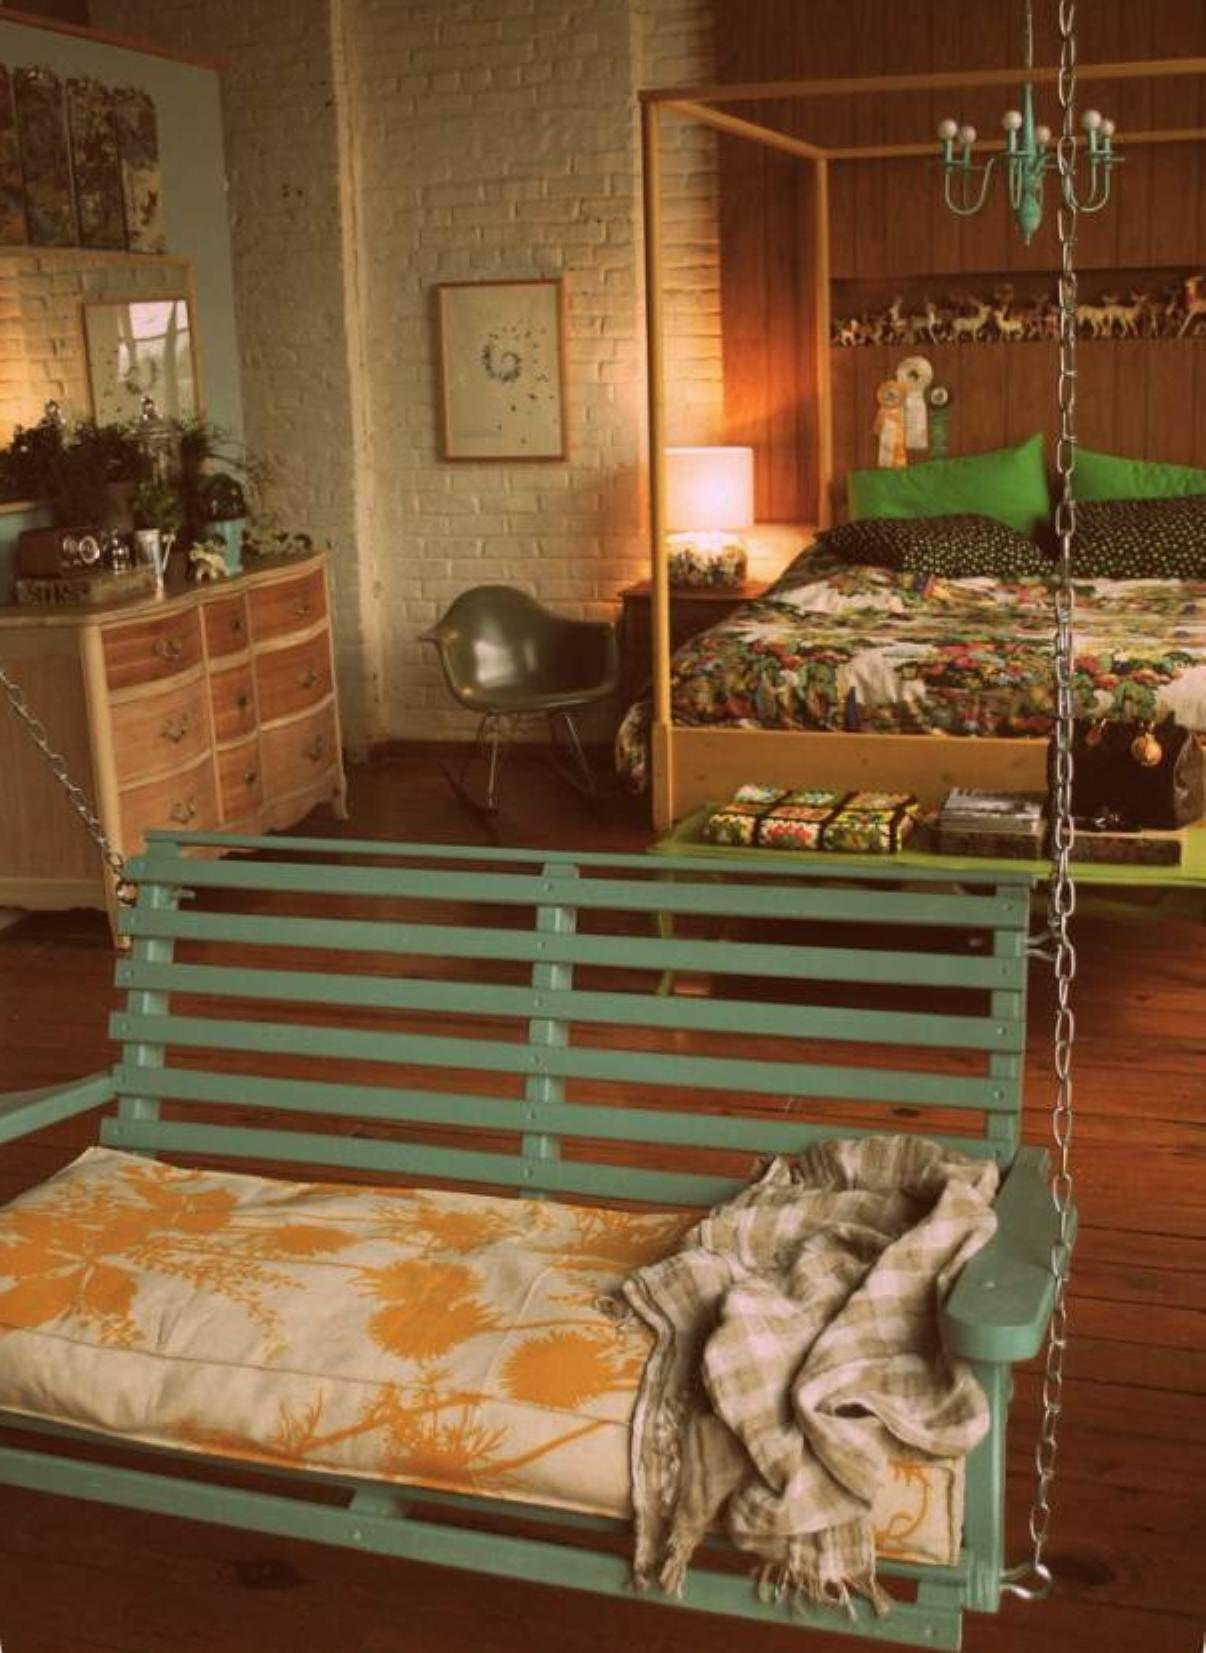 Simple diy room decorations adorable diy bedroom decorating ideas easy and simple diy bedroom